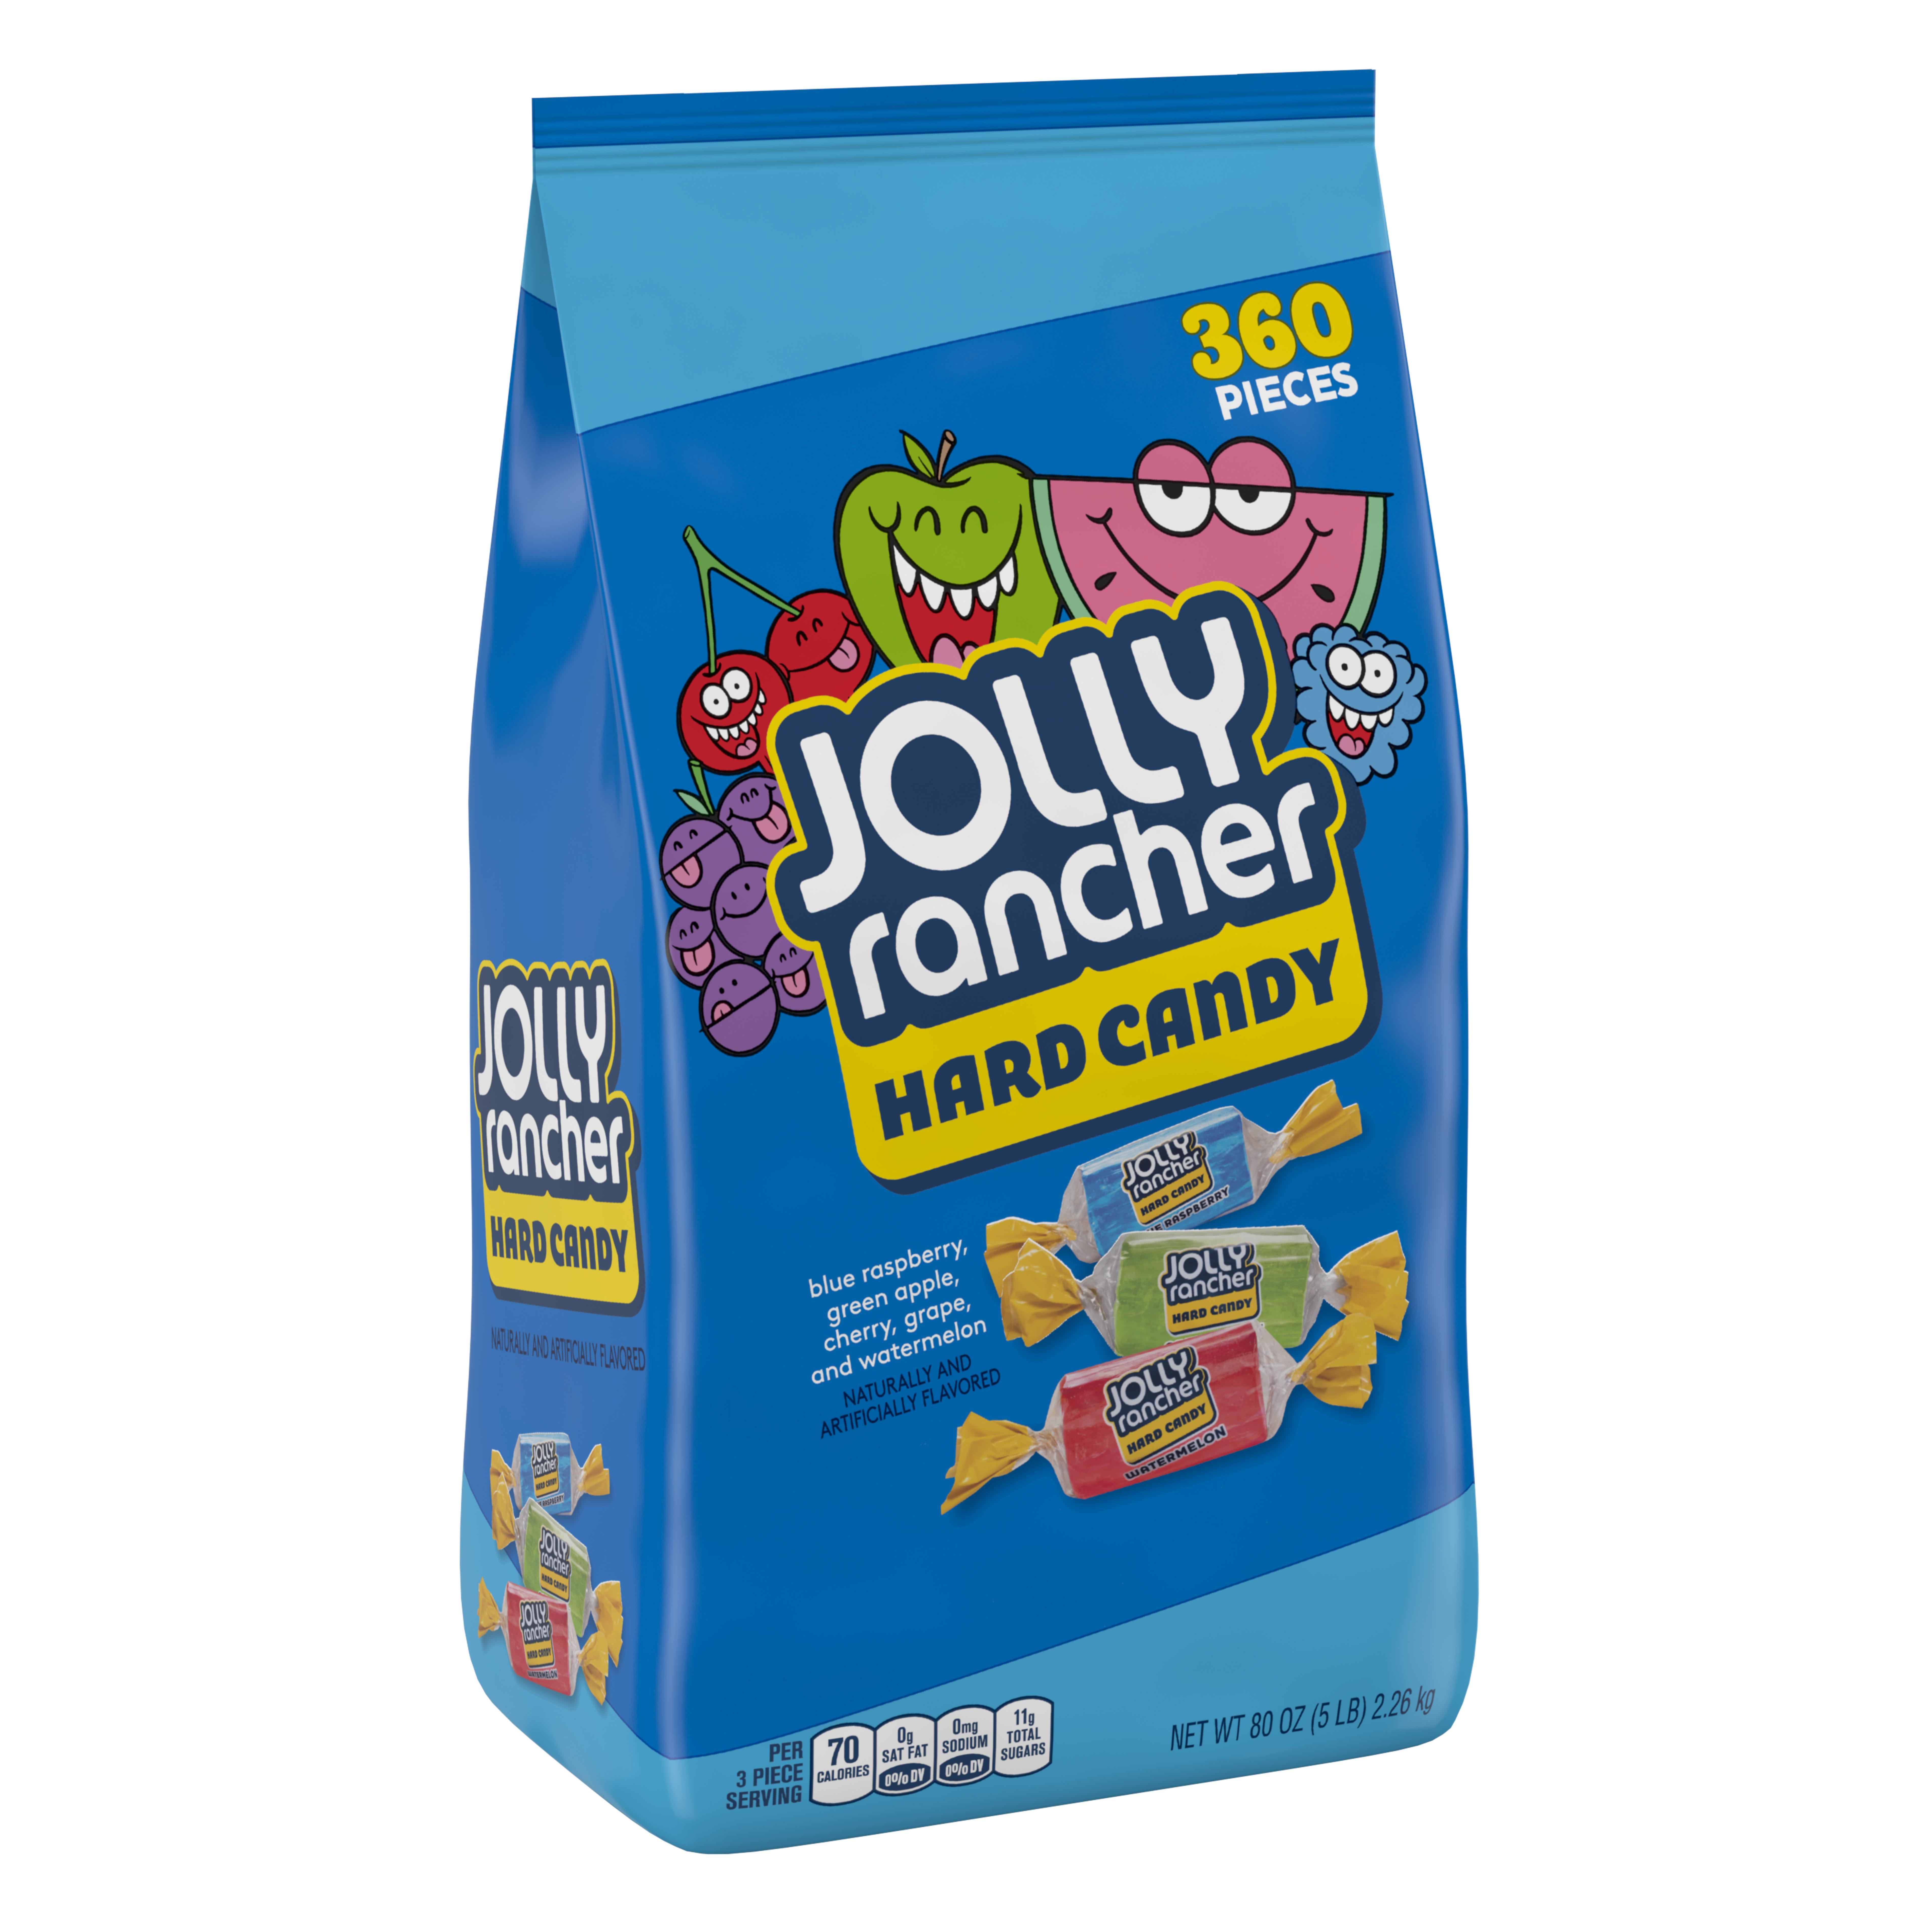 Jolly Rancher, Original Flavors Hard Candy Assortment, 80 Oz